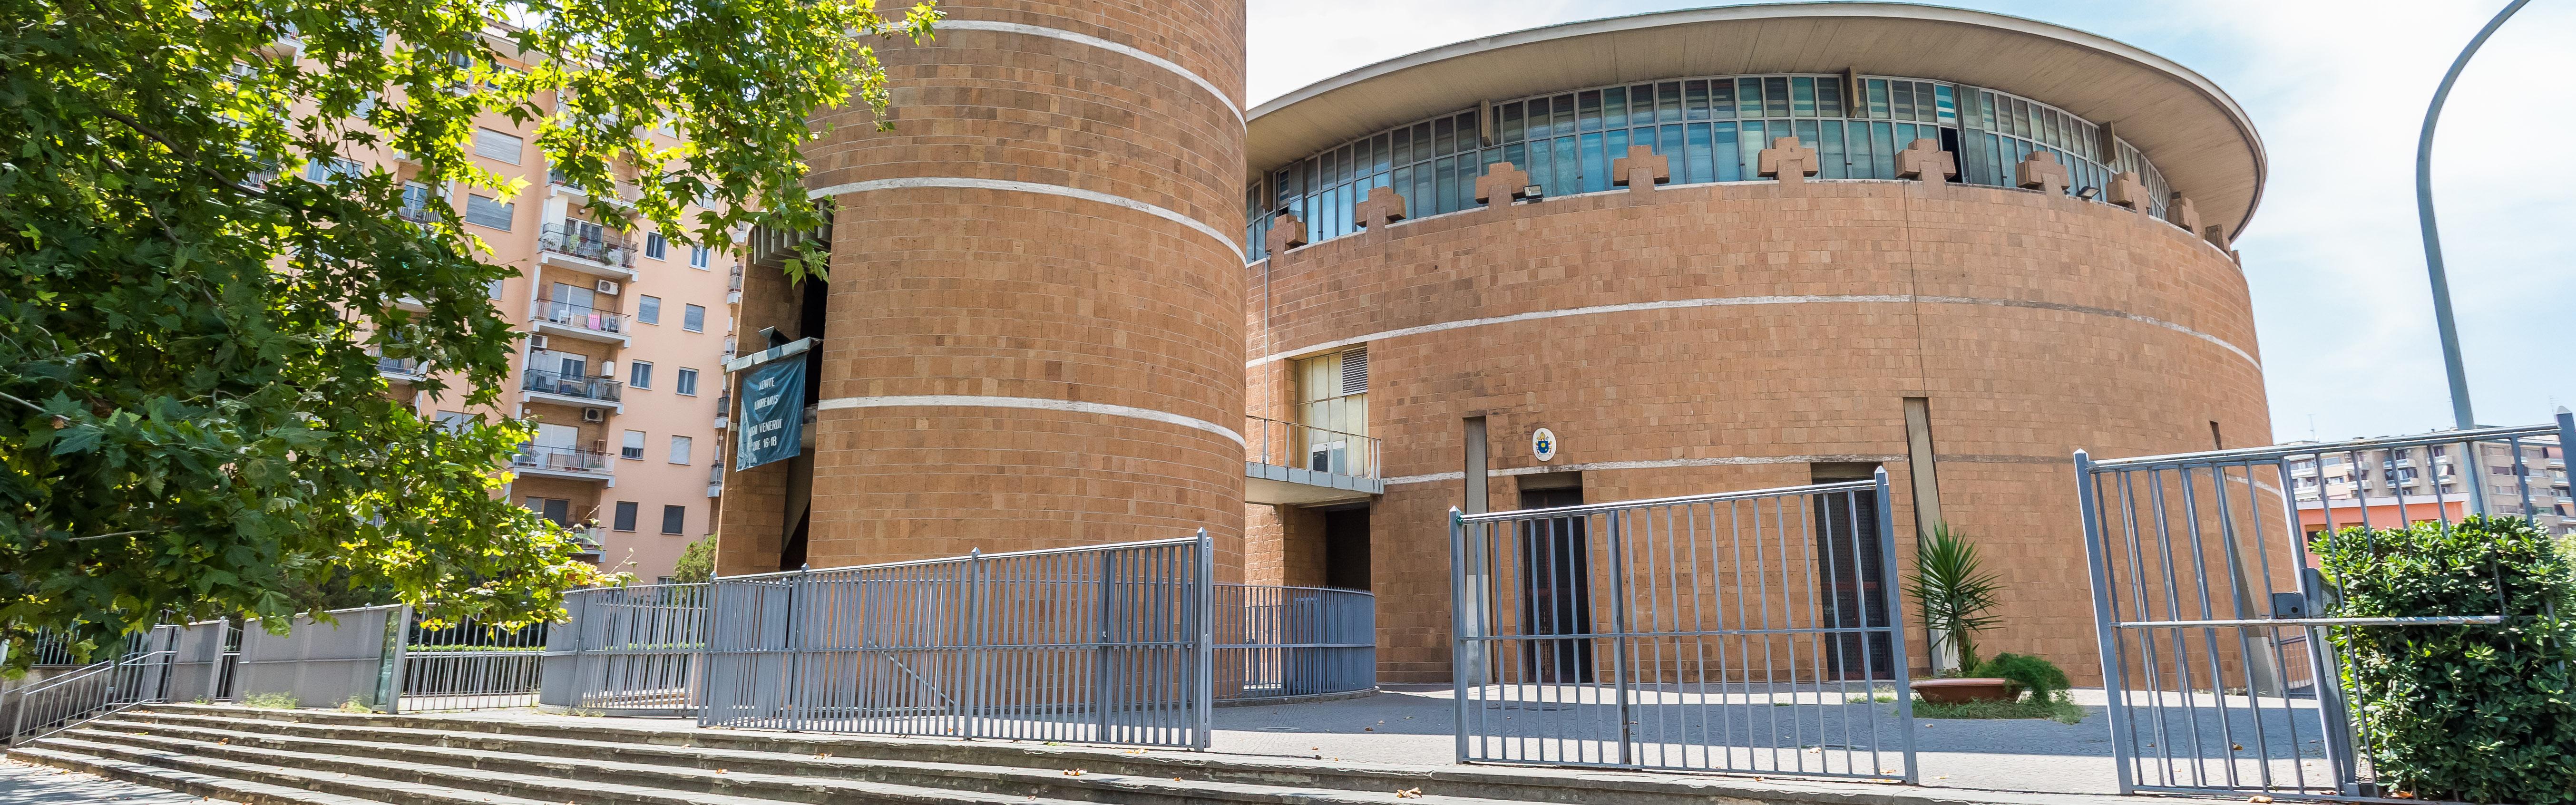 Costo costruzione casa al metro quadro awesome abitazioni - Costo architetto costruzione casa ...